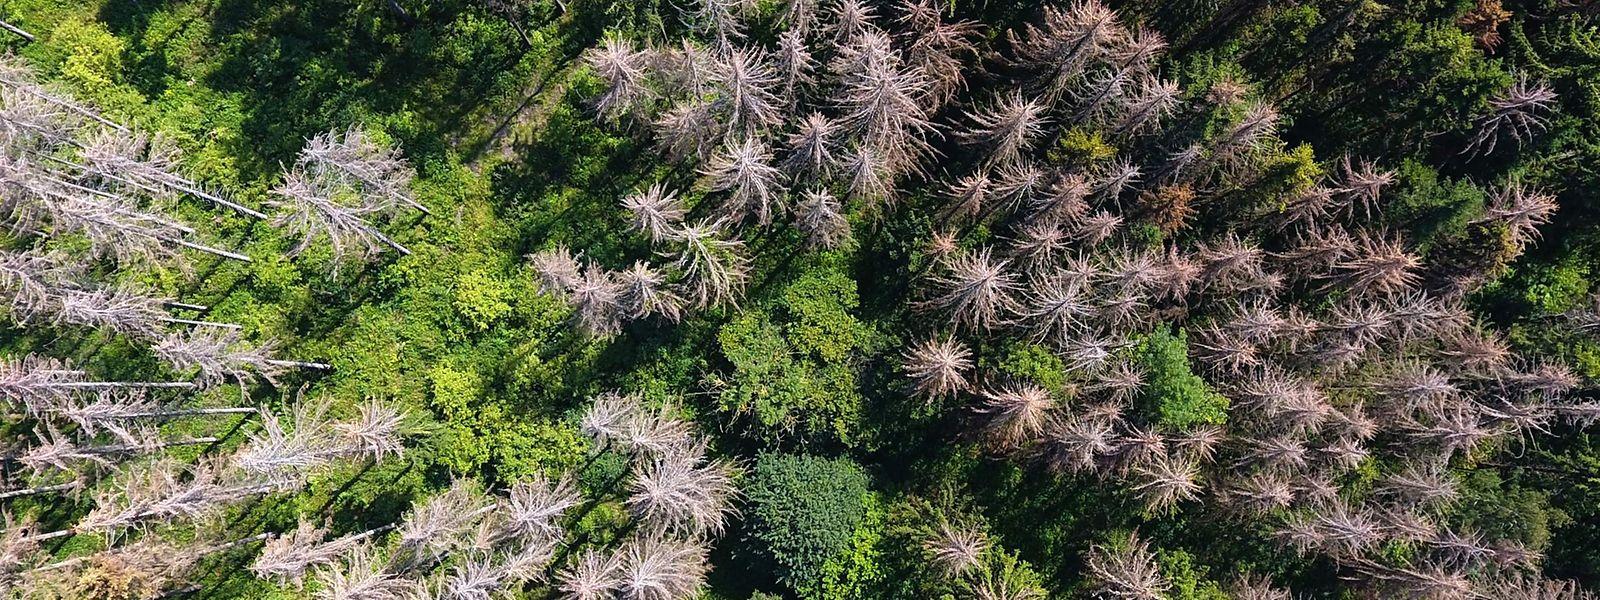 Hitzeschäden in einem Wald in Nieheim im Westen Deutschlands.